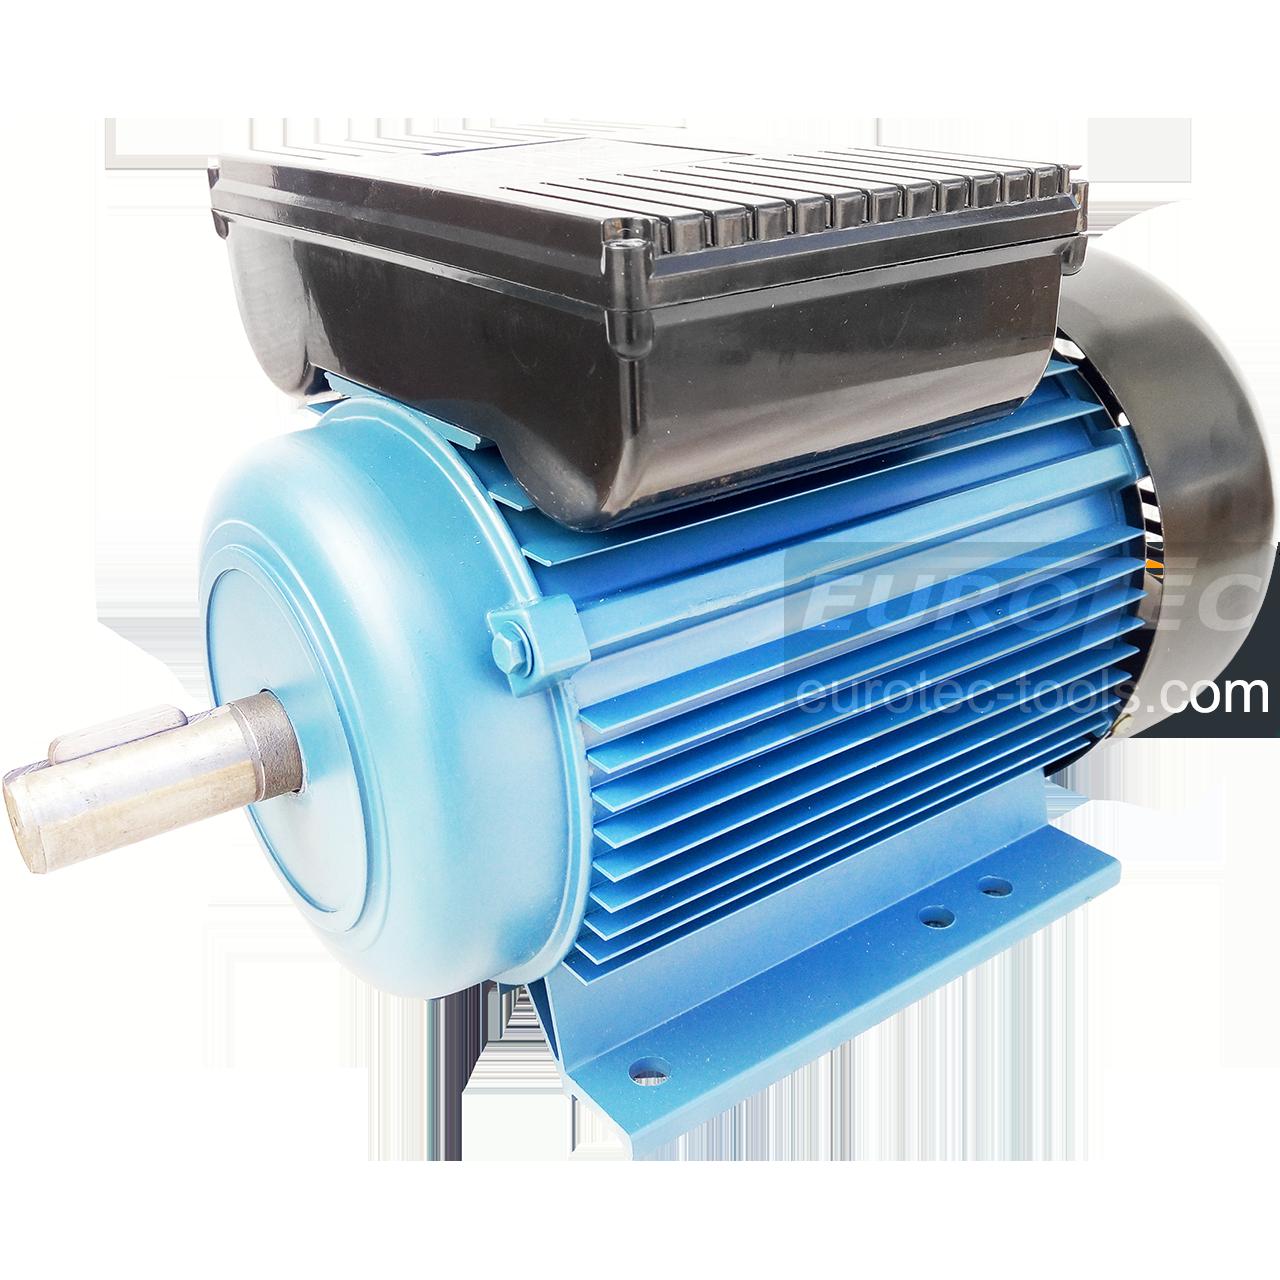 Асинхронний електродвигун 2800 об. 2.2 кВт 220В Eurotec AT122 однофазний двигун змінного струму 3000 об